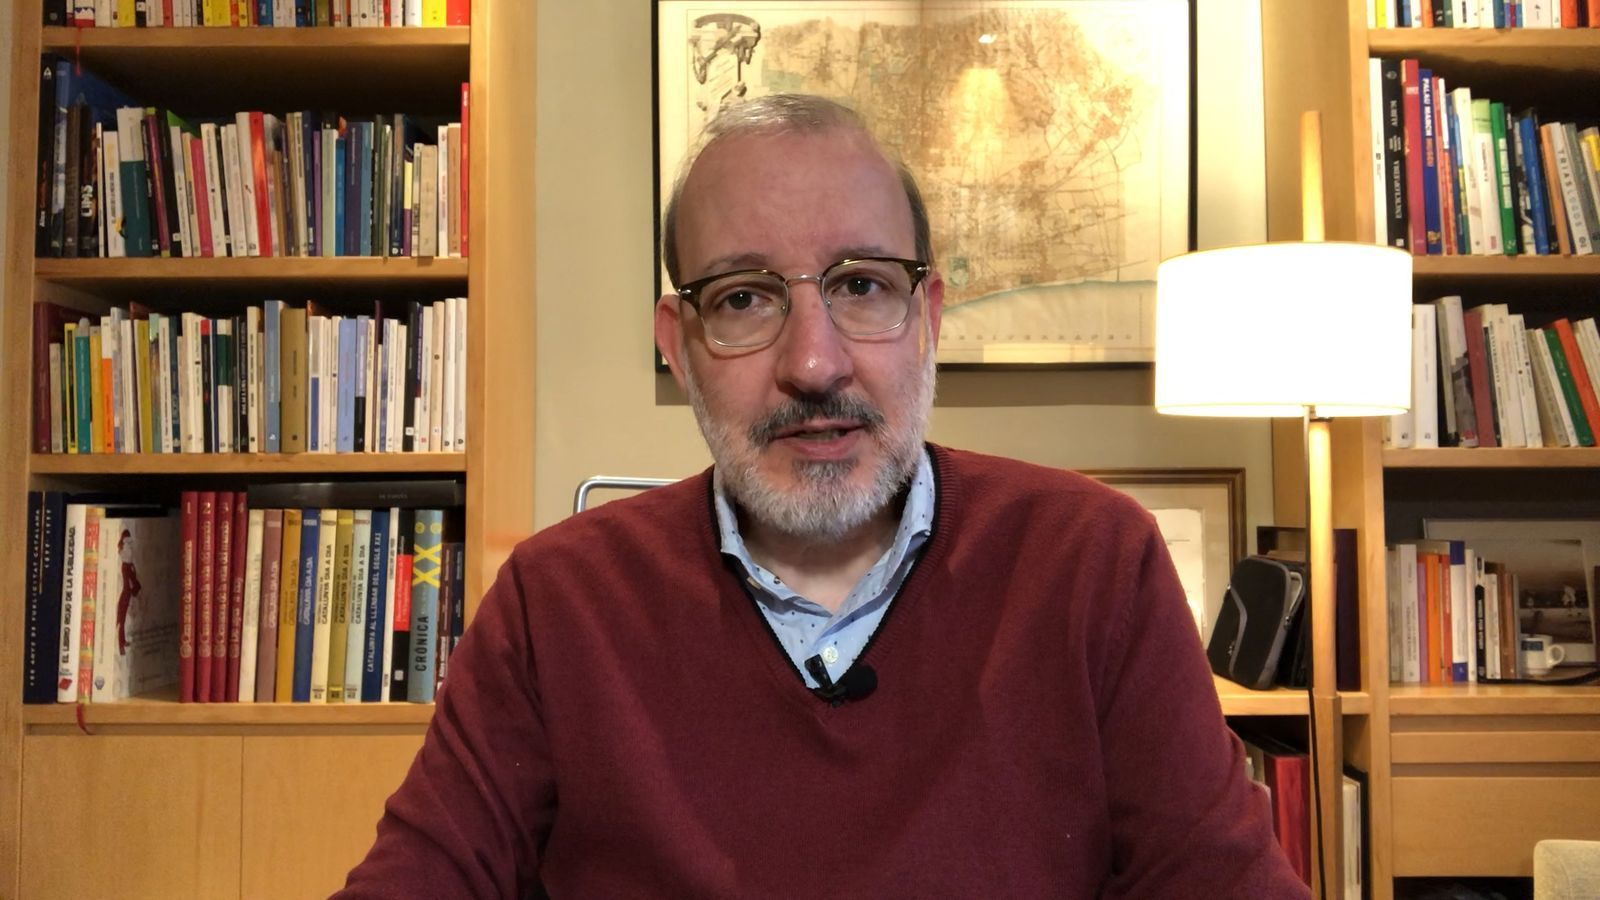 S'espera una escalada de contagis i a les 21 h parlarà Felip VI: les claus del matí, amb Antoni Bassas (18/03/2020)